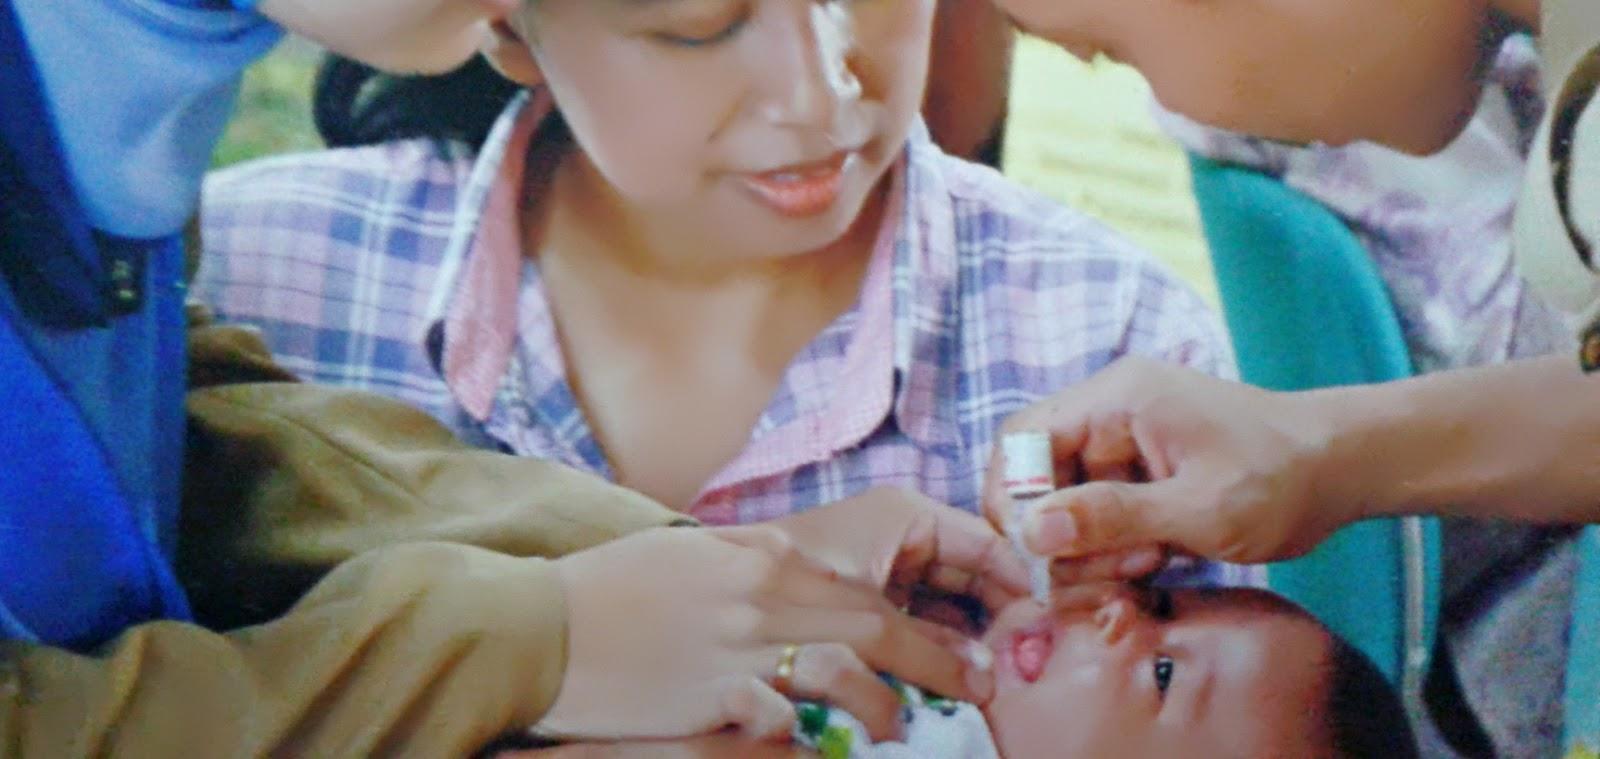 hpv virus kod zena simptomi human papillomavirus vaccines who position